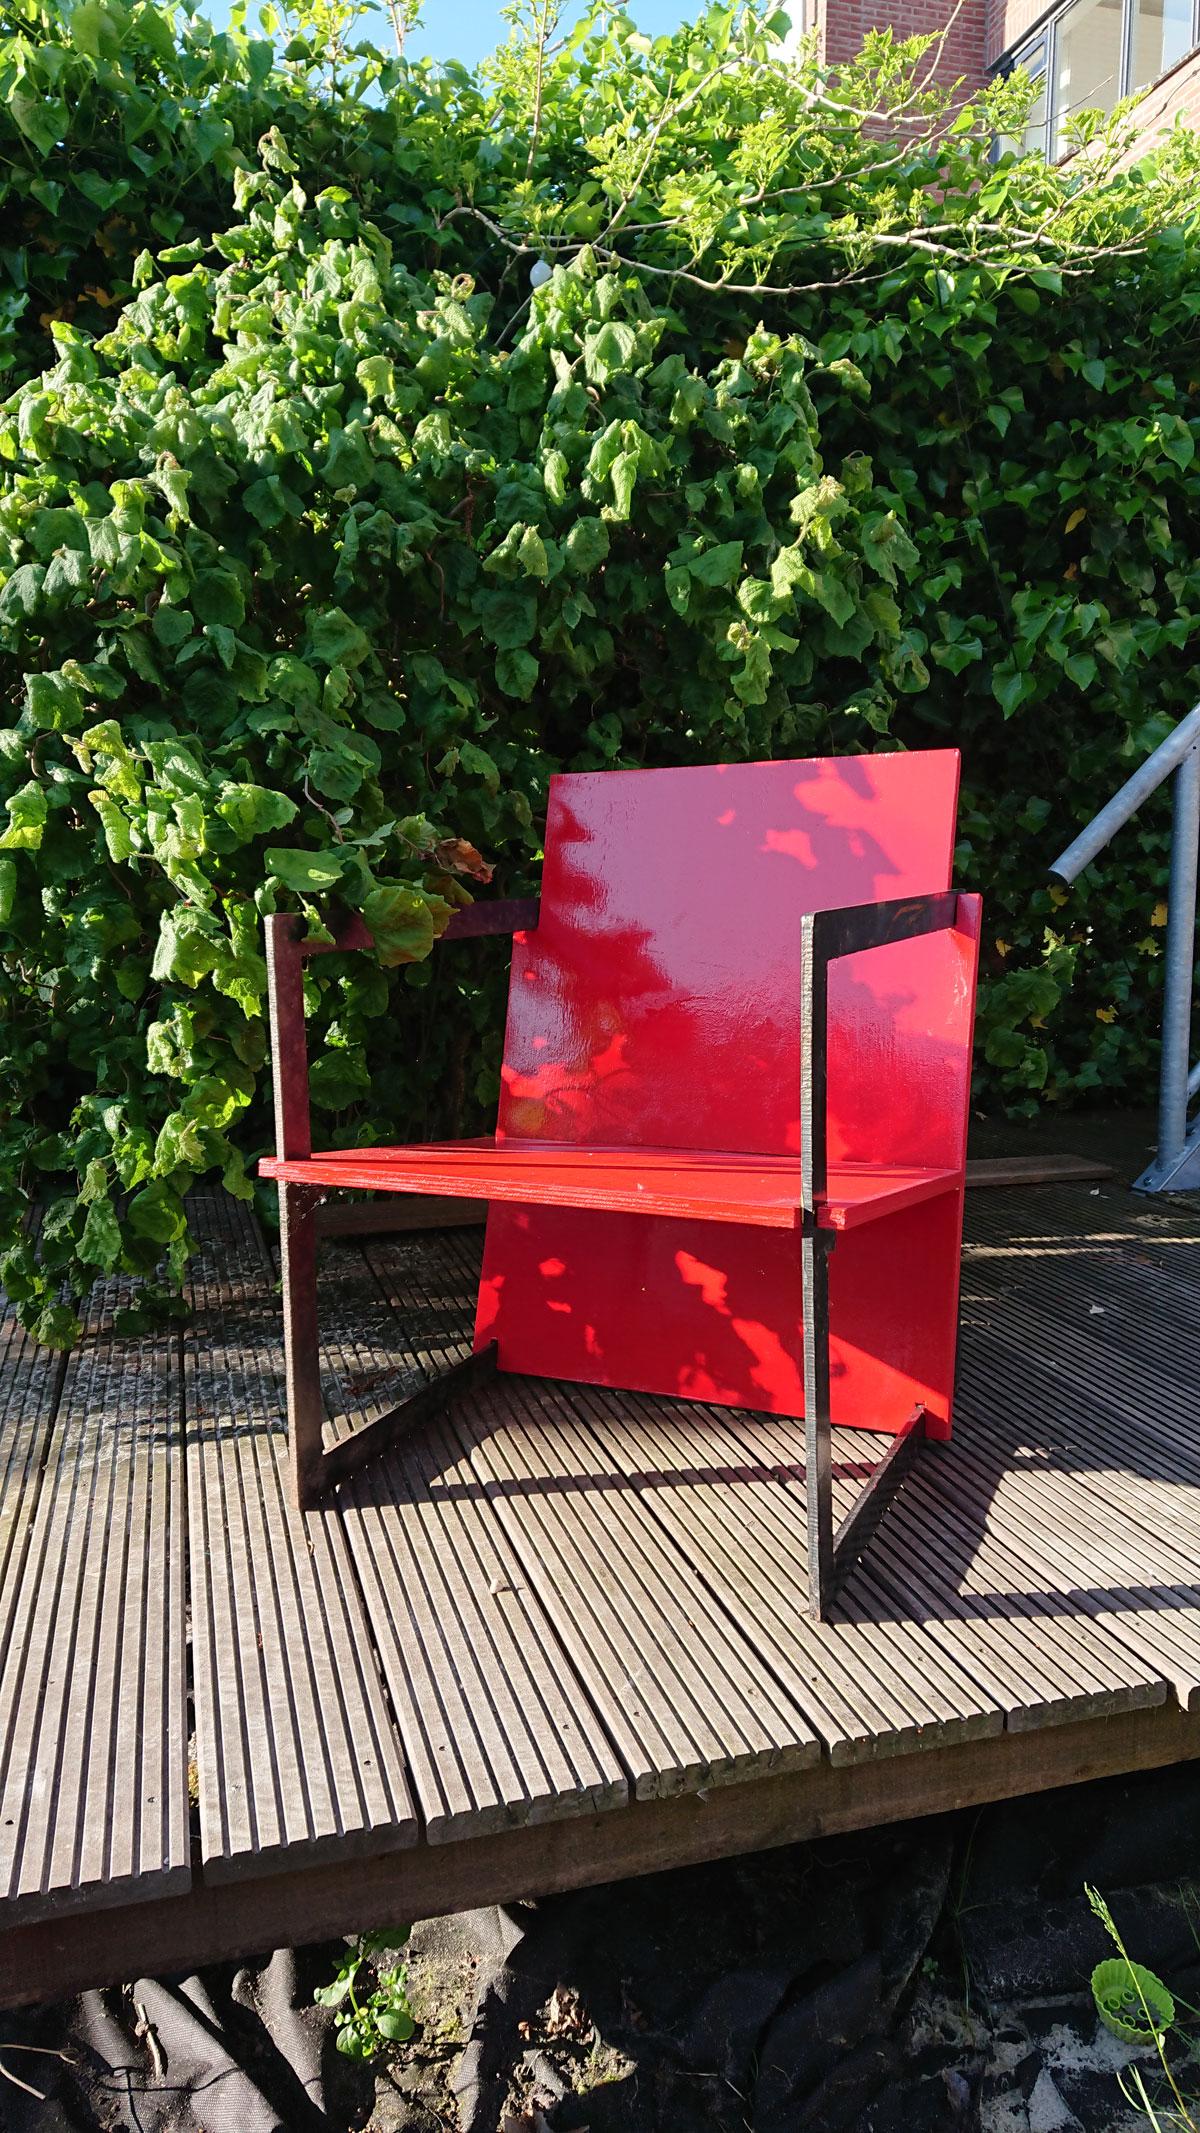 beertjeveld stoel